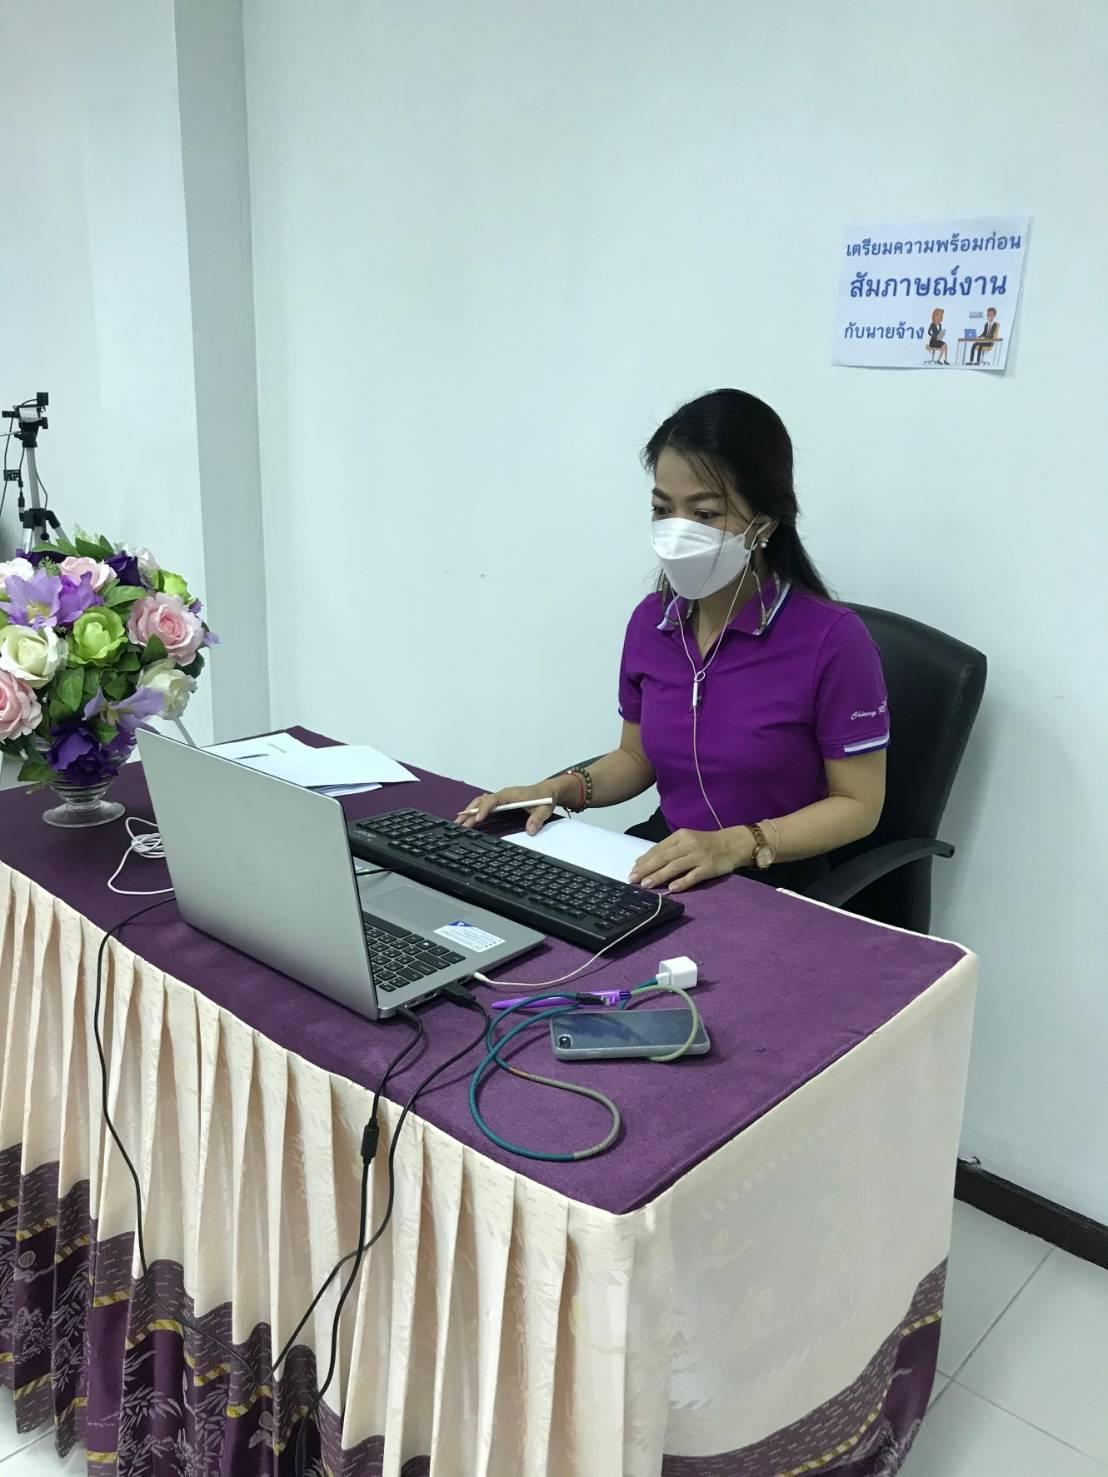 สจจ.เชียงราย จัดงานนัดพบแรงงาน ChiangRai Jobfair Online 2021 ระหว่างวันที่ 6 - 7 สิงหาคม 2564